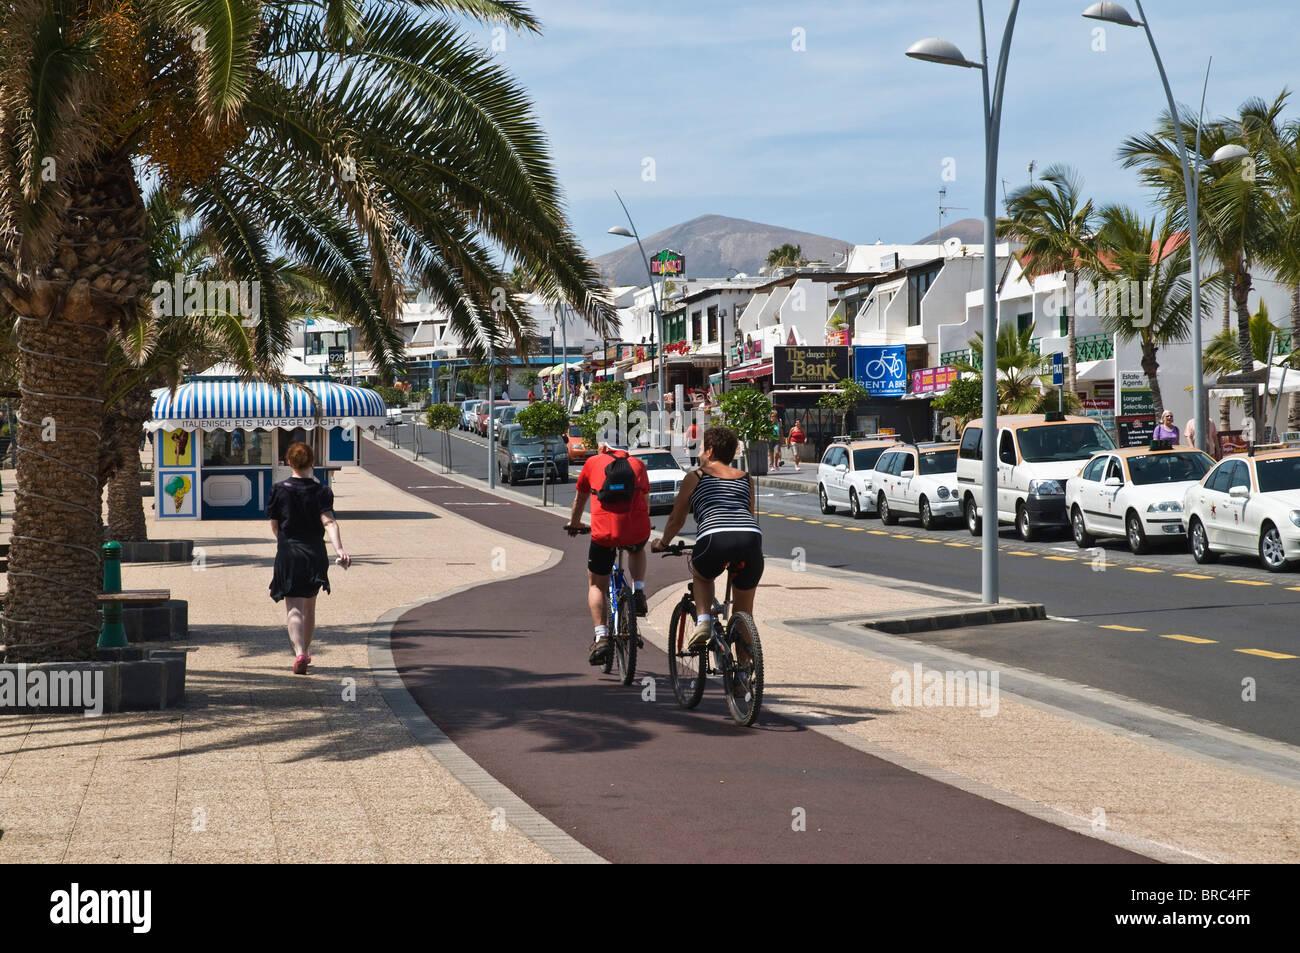 Dh puerto del carmen lanzarote tourist walking and - Lanzarote walks from puerto del carmen ...